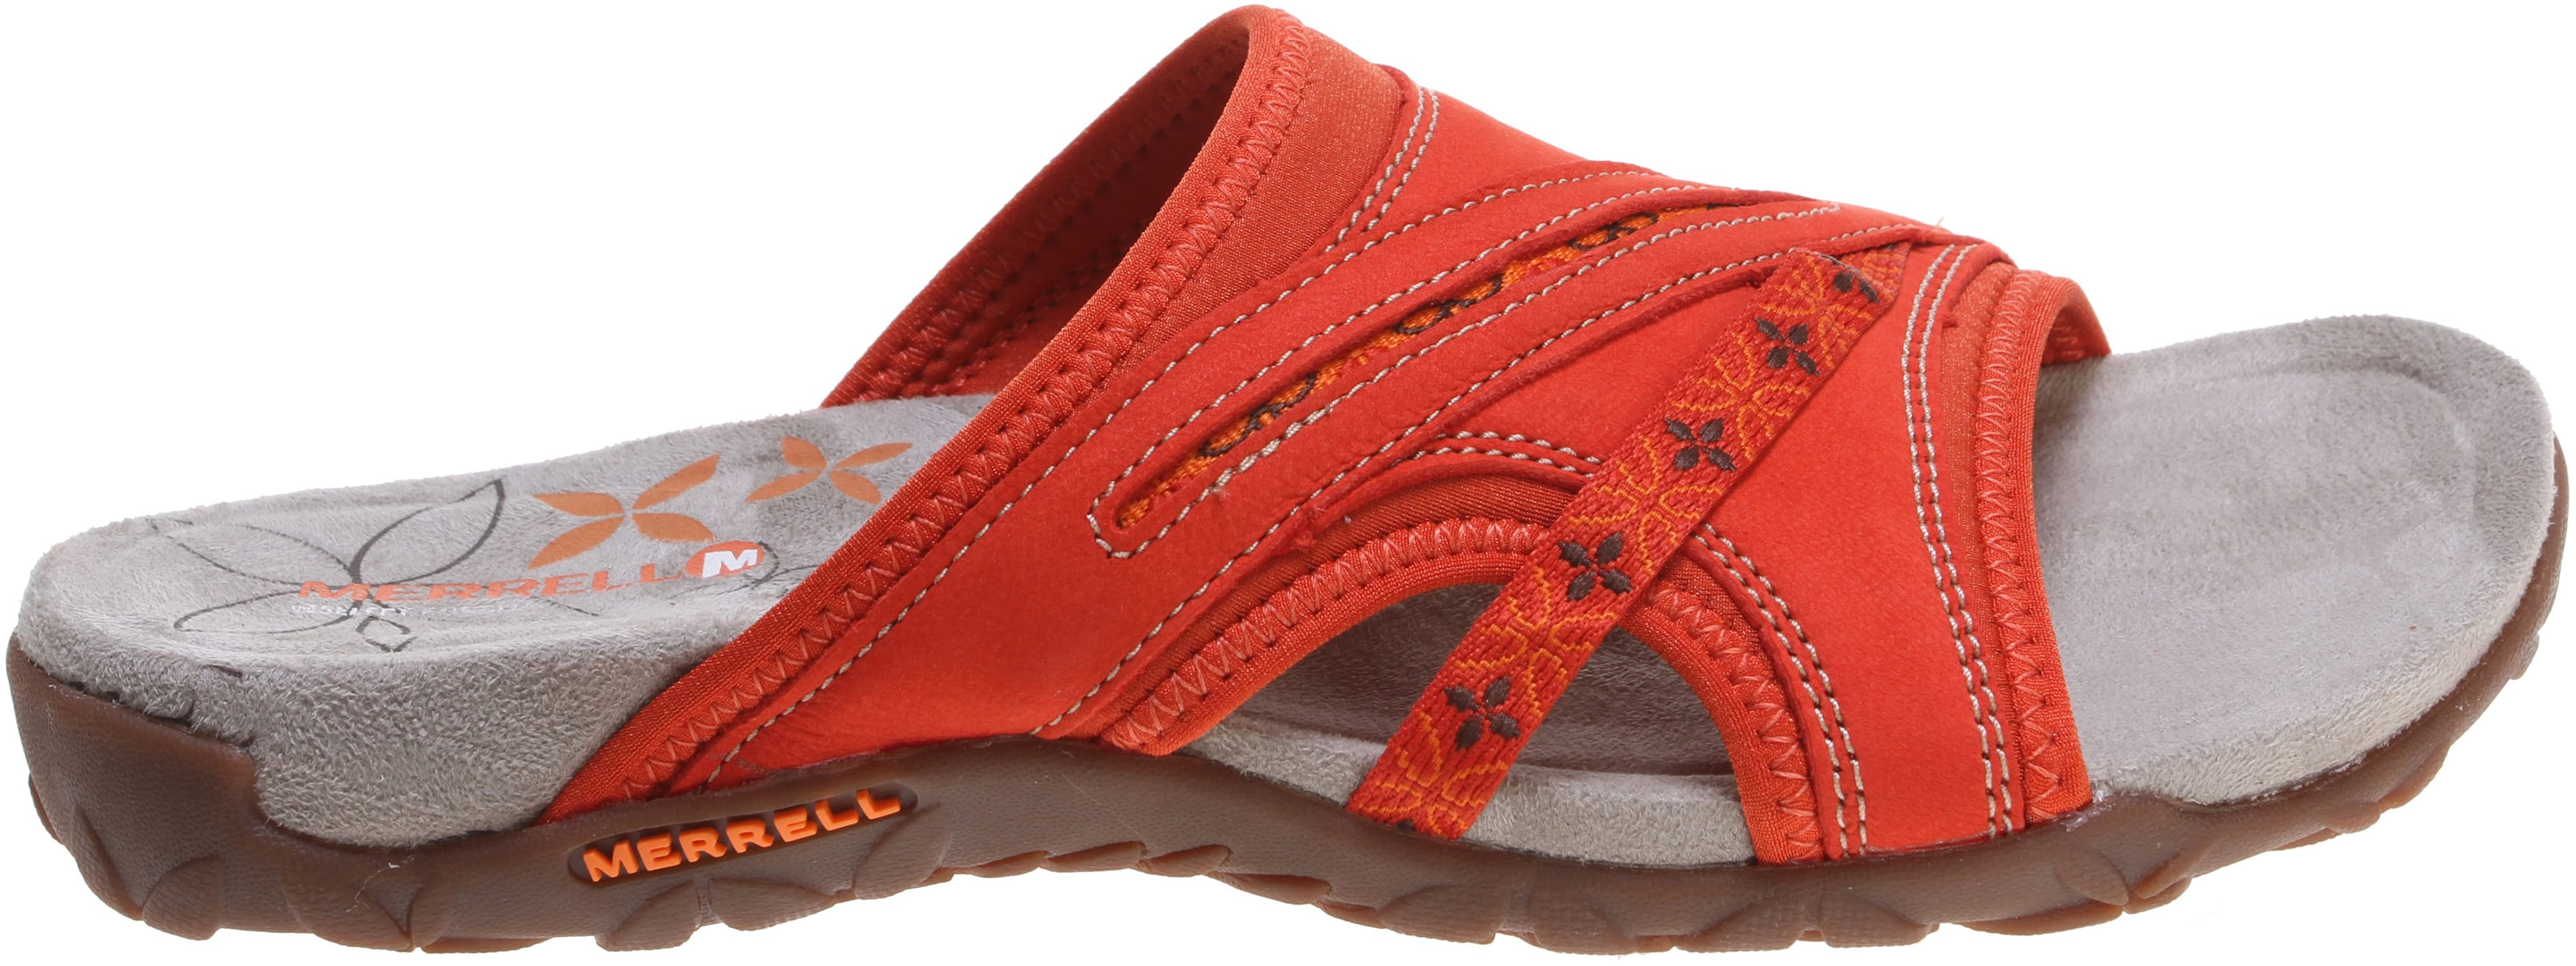 7d369559a889 Merrell Terran Slide Sandals - thumbnail 1